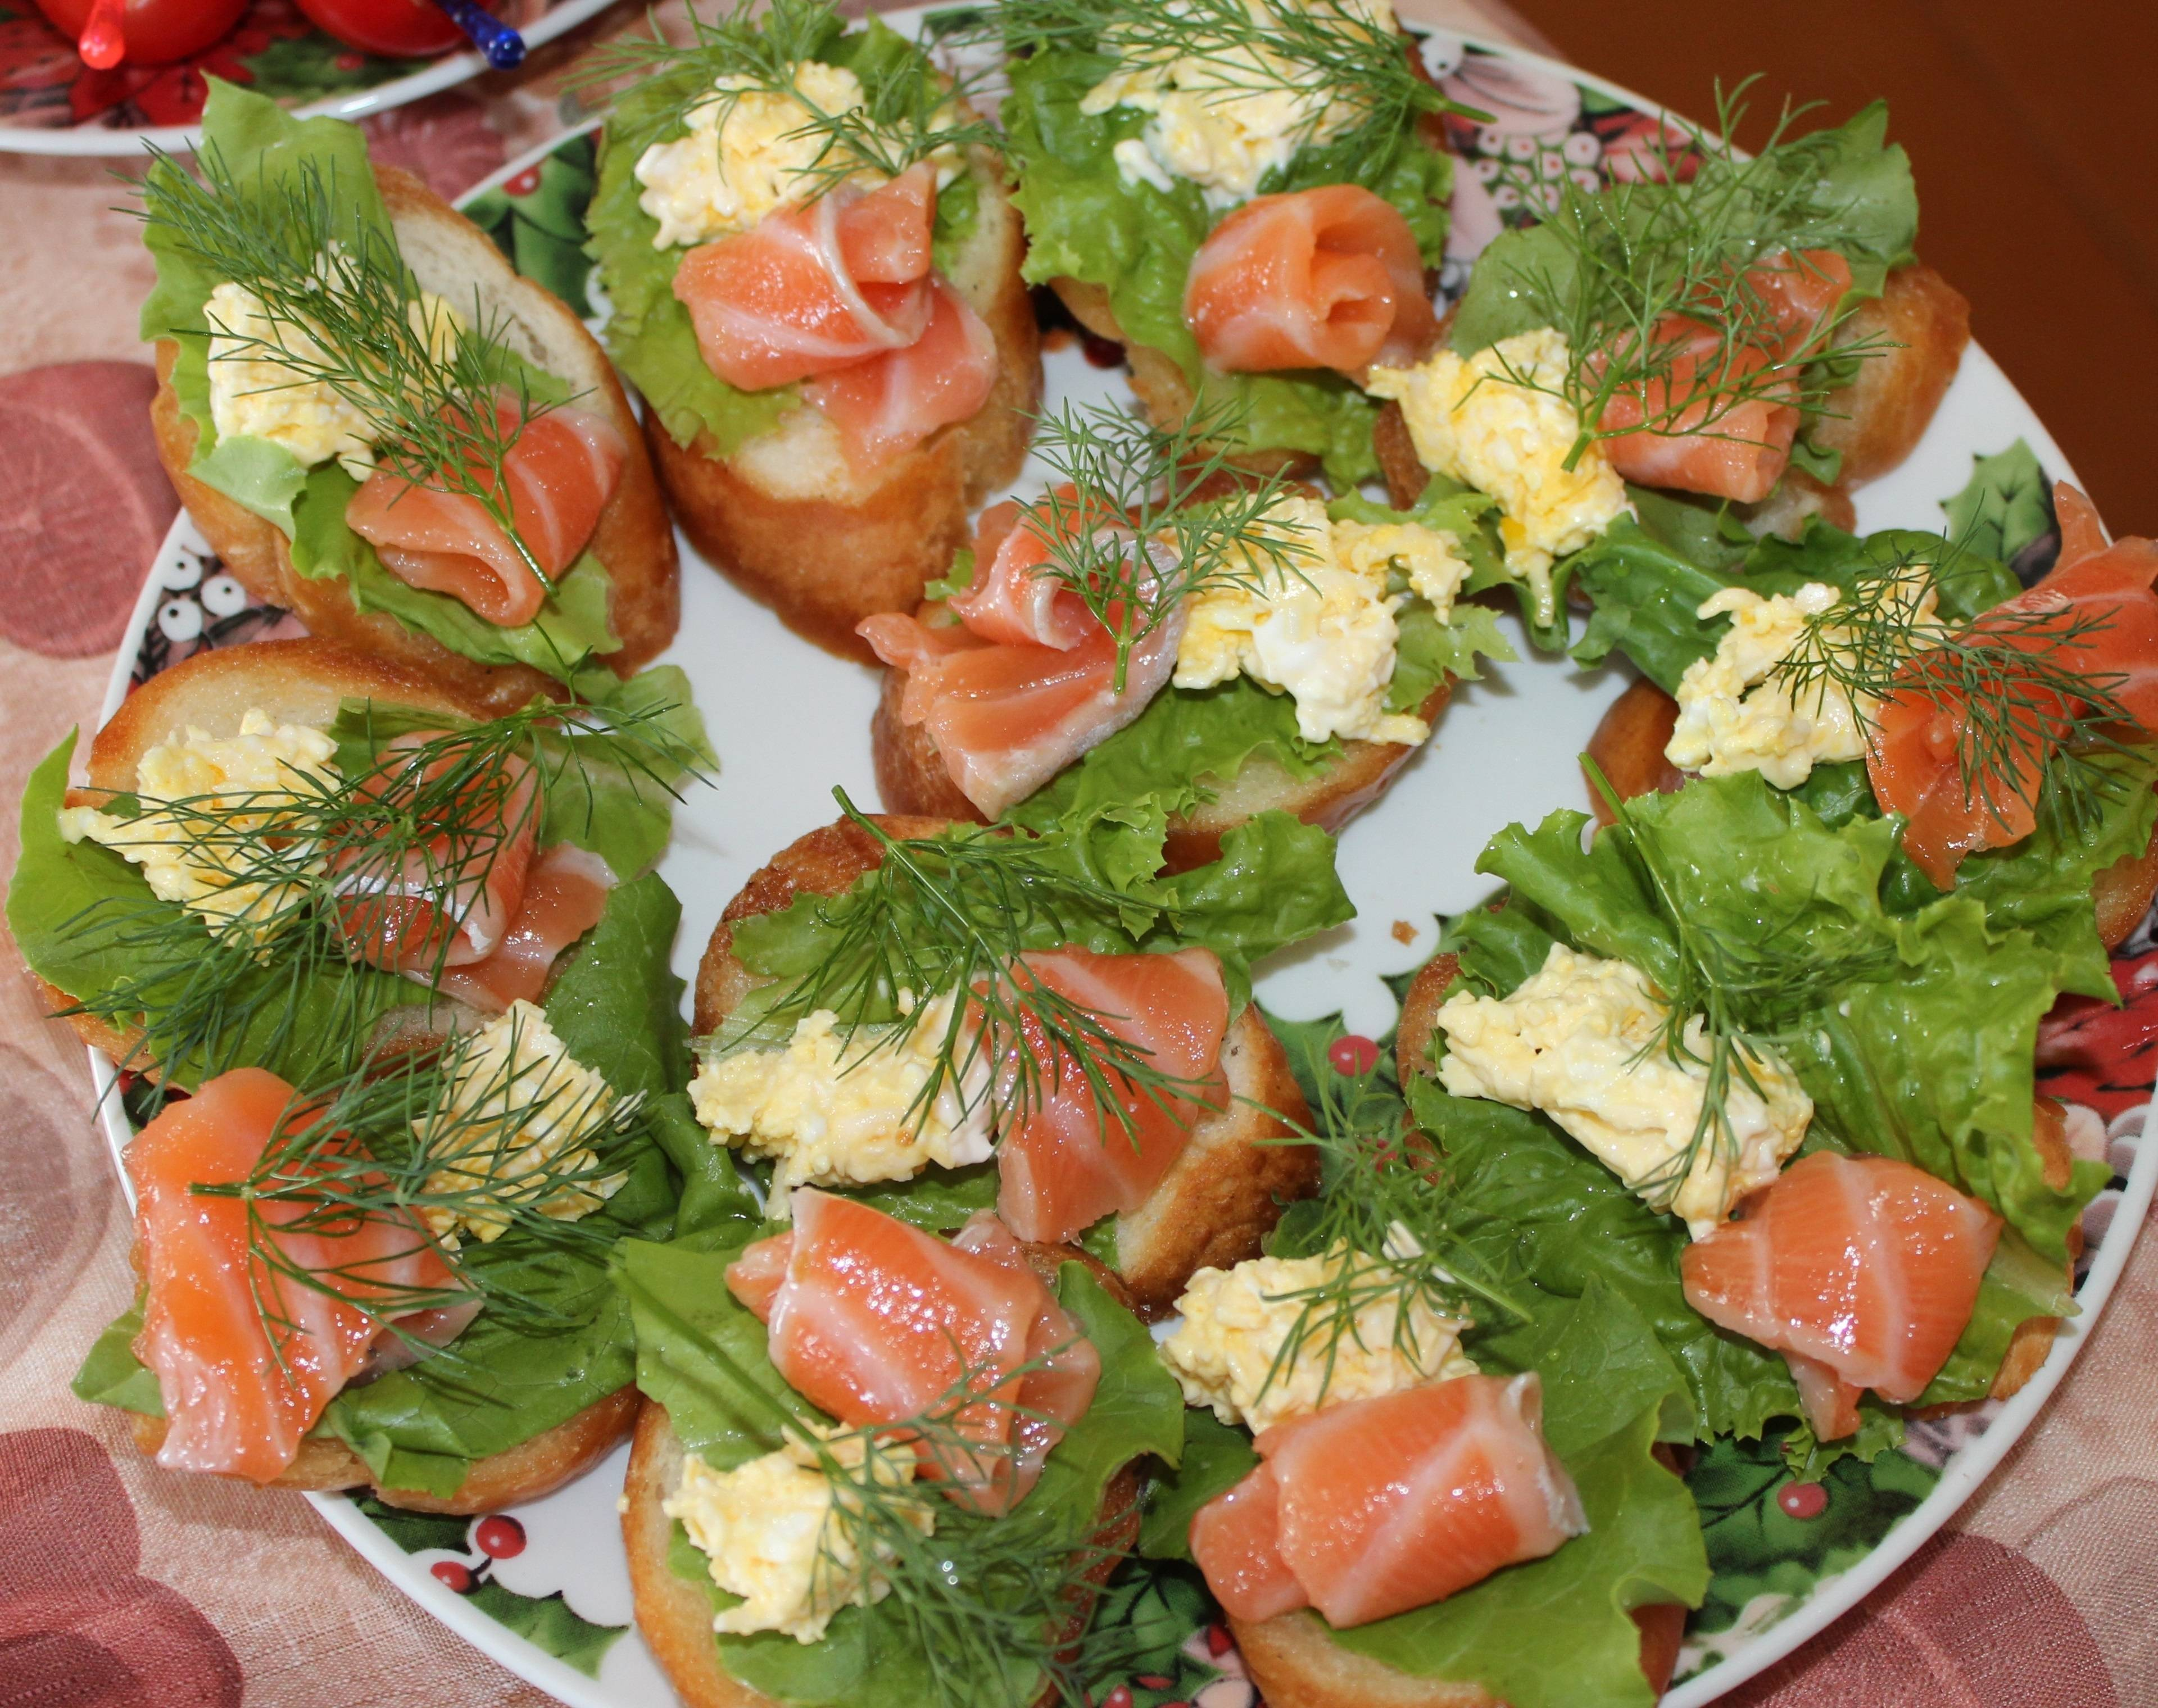 Бутерброды с красной рыбой на праздничный стол - простые и вкусные рецепты